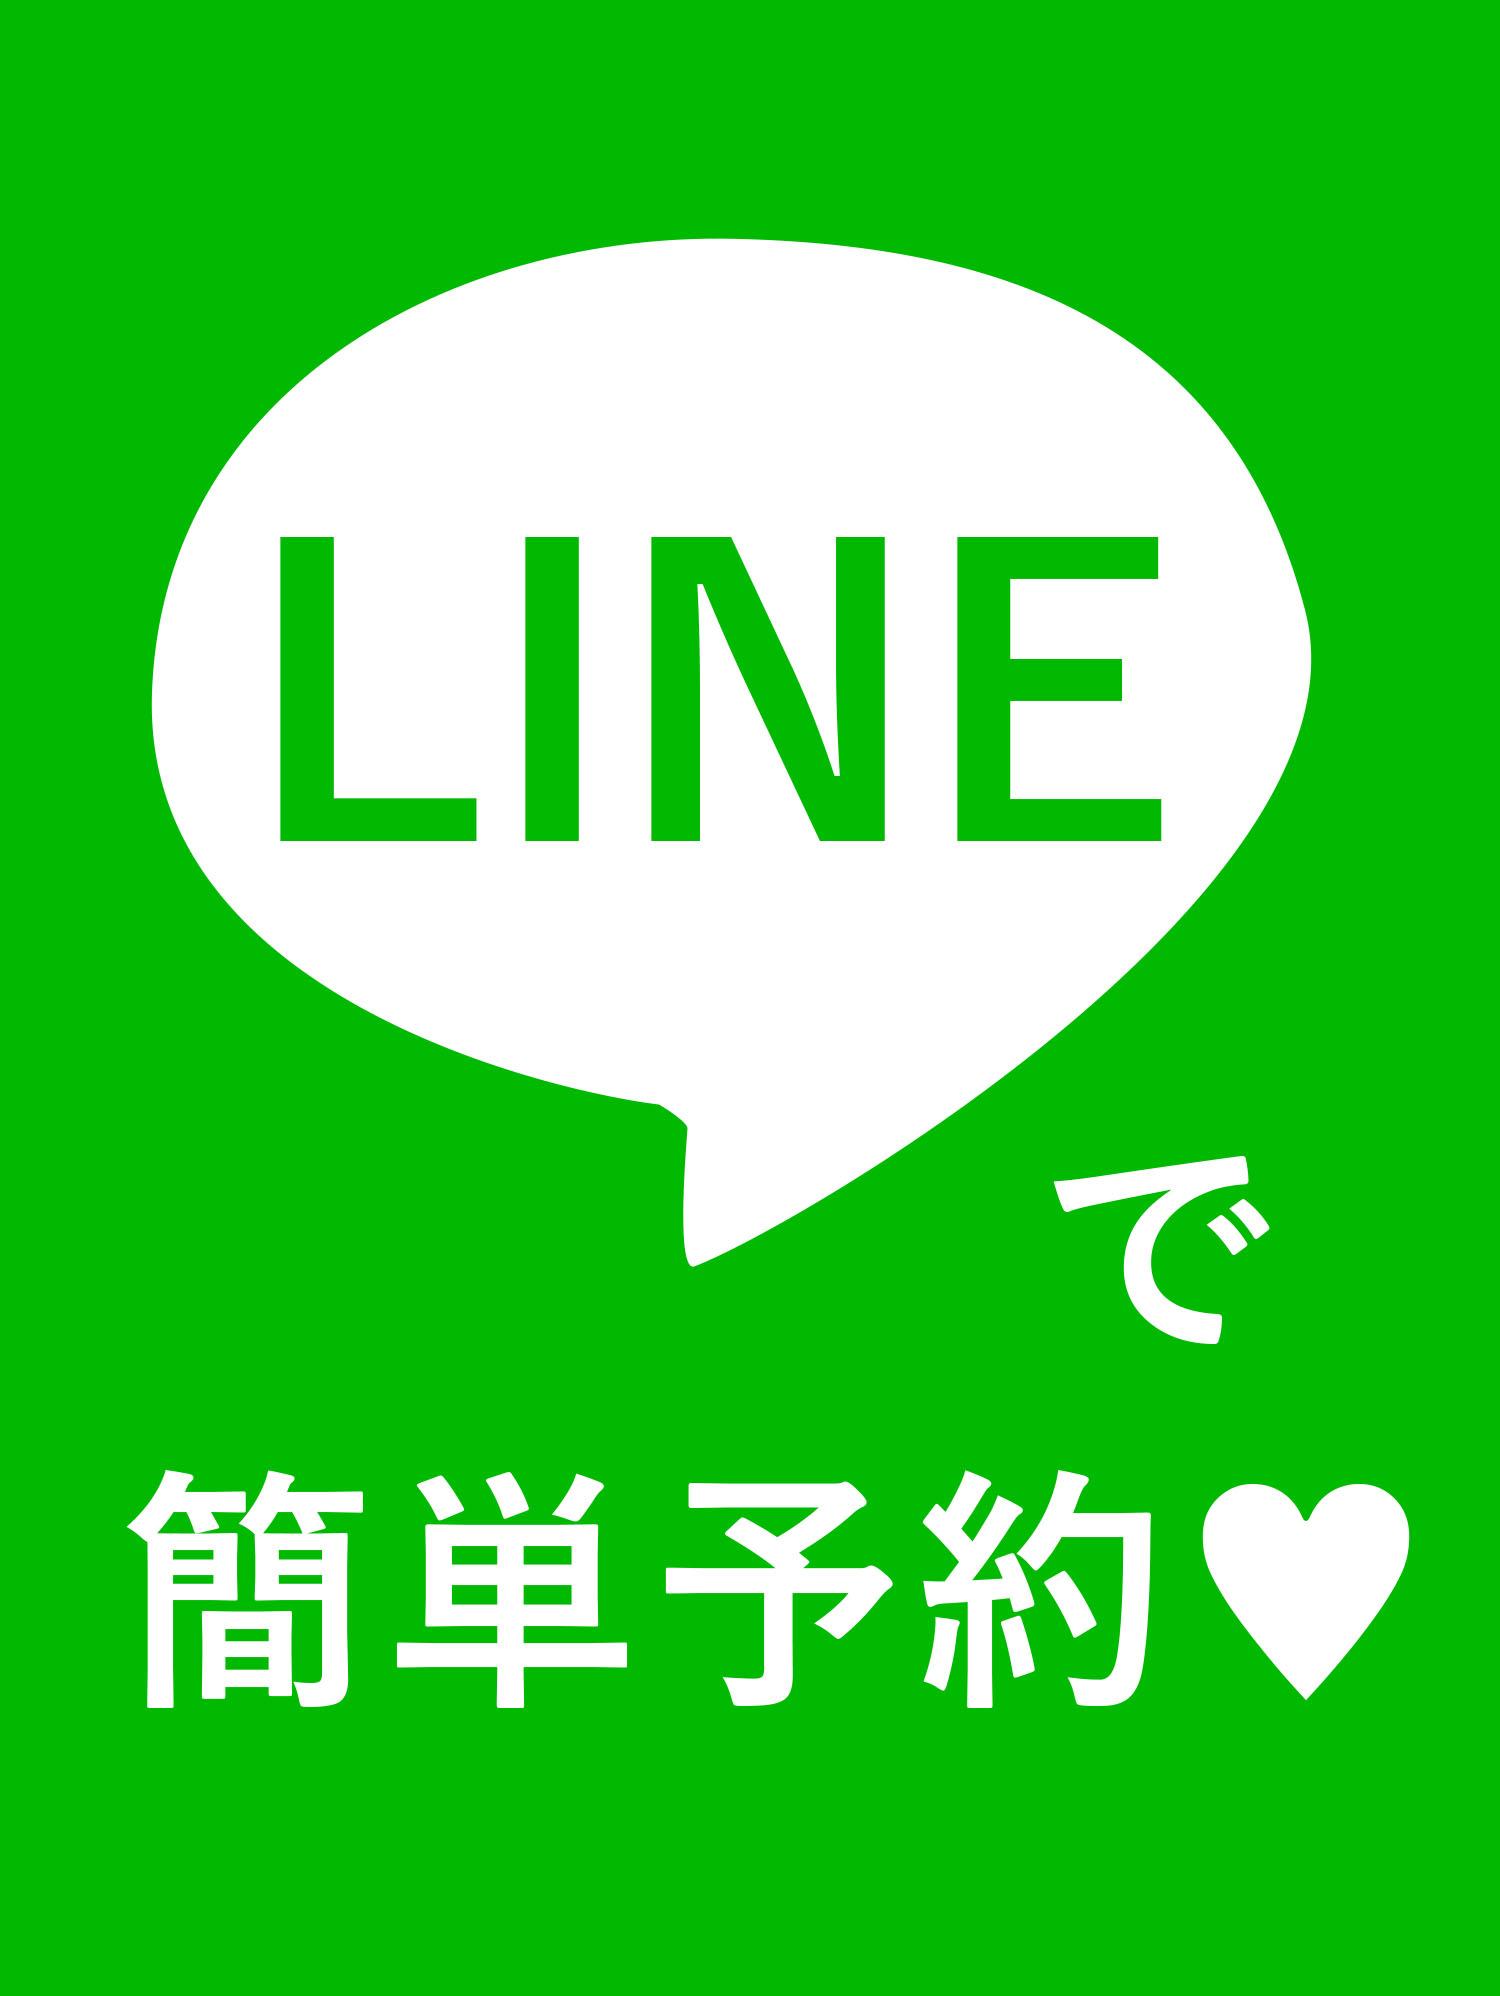 LINEでのご予約もOK♪<br>タイムラインでお得な情報も!